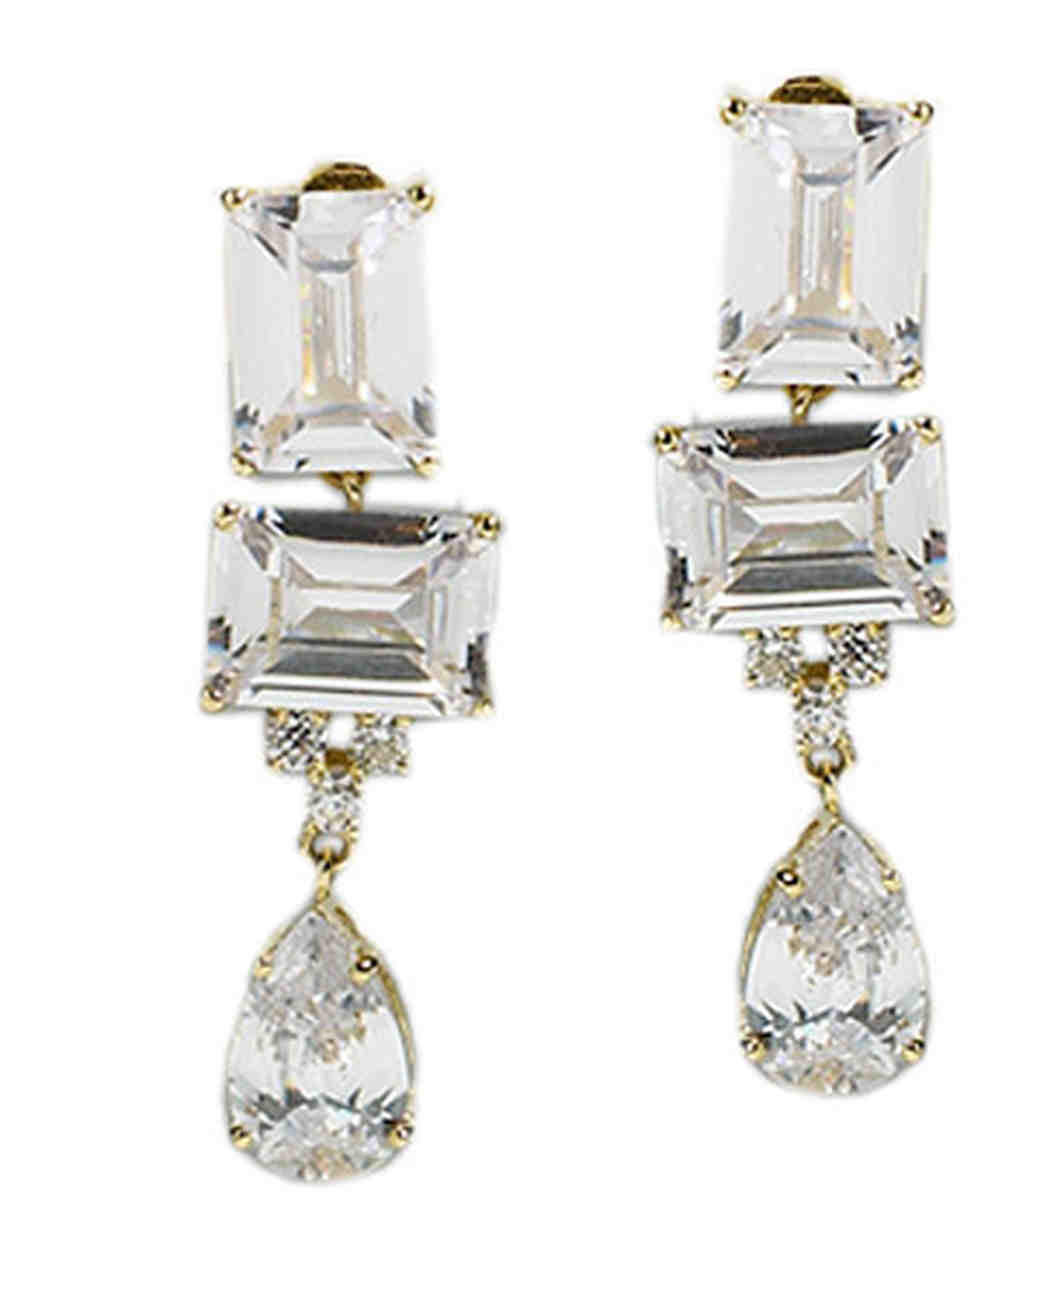 wd104606_spr09_jewelry41.jpg